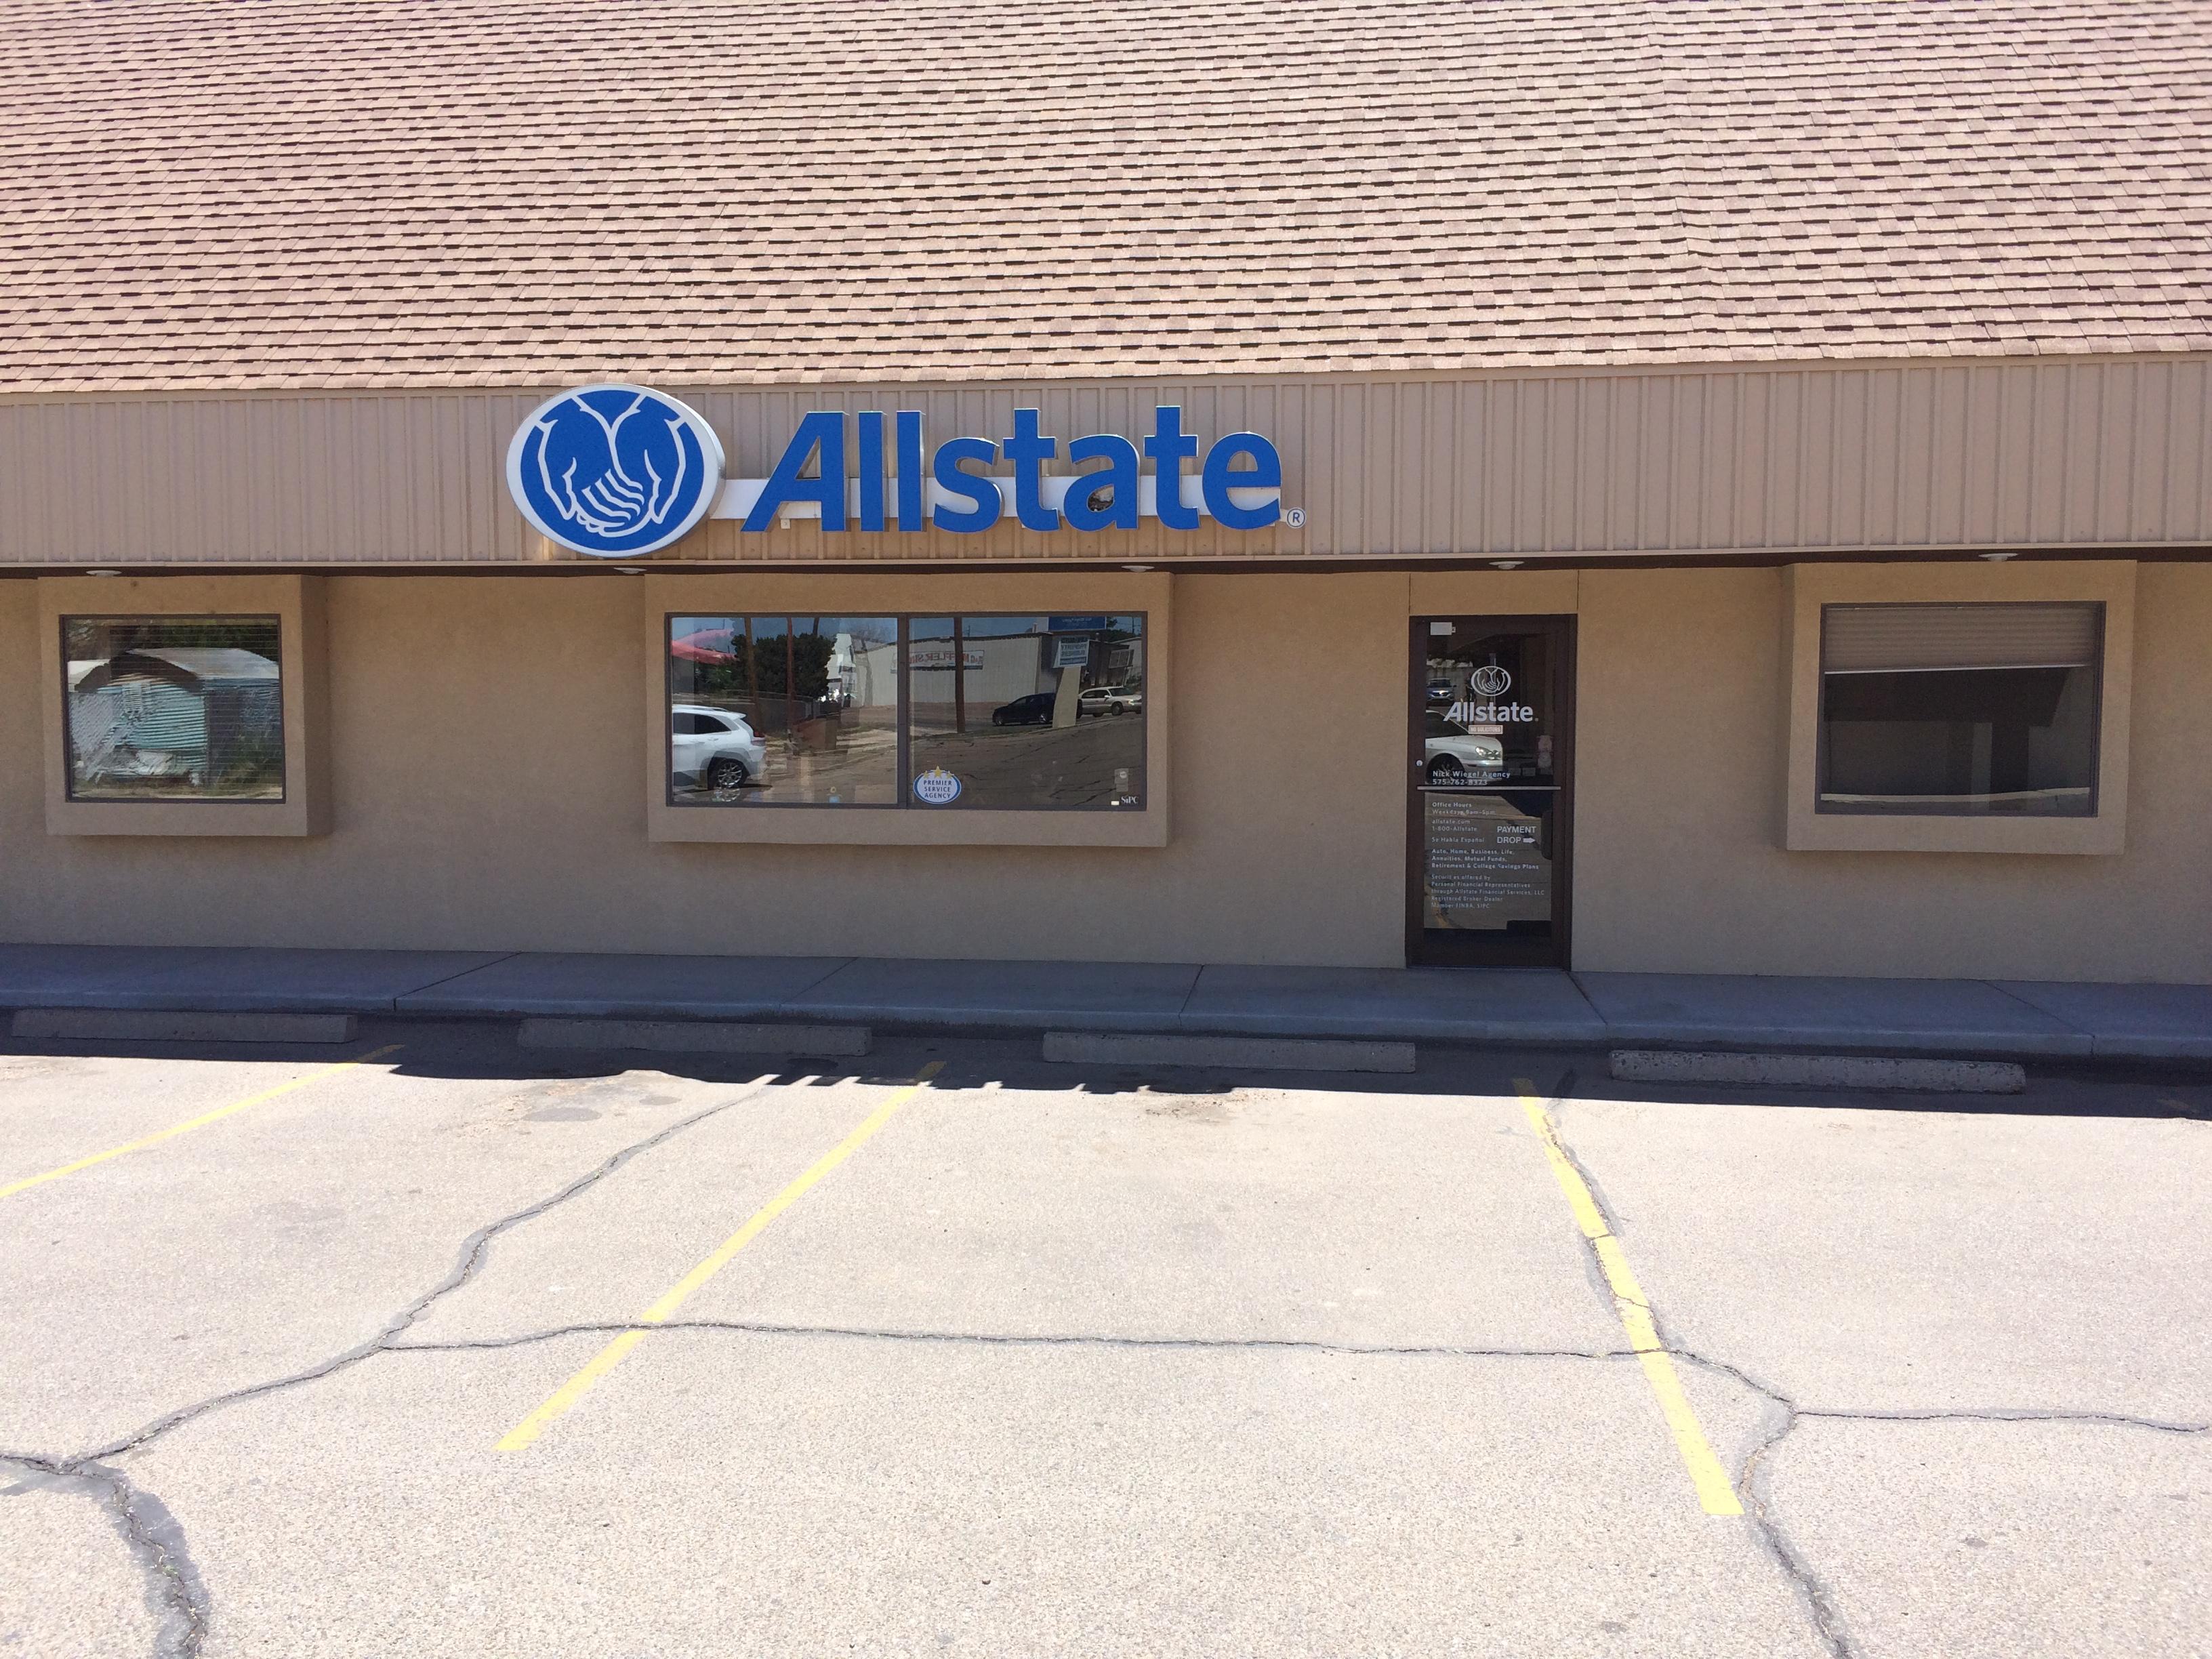 Nick Wiegel: Allstate Insurance image 1